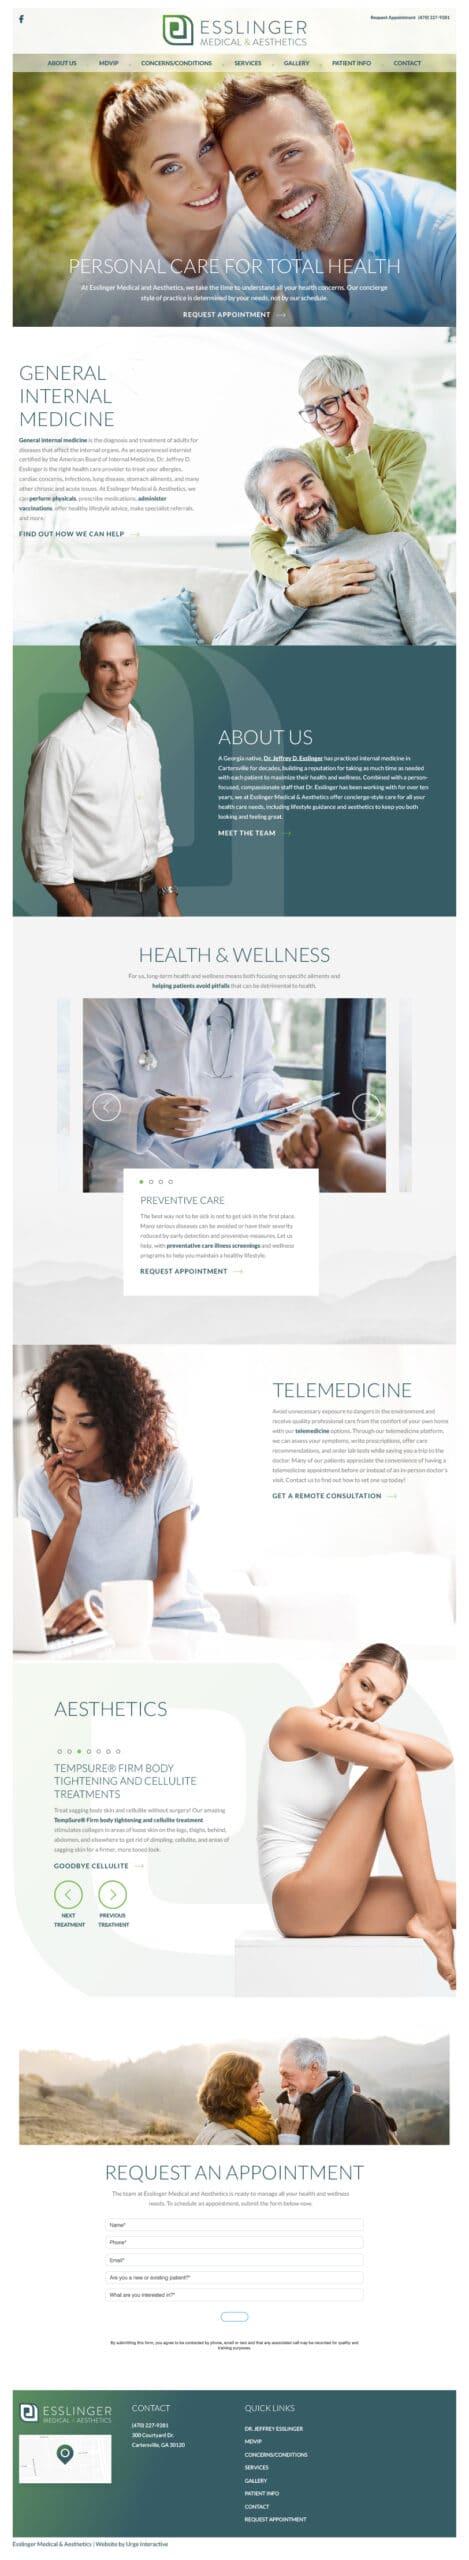 Esslinger Medical & Aesthetics full homepage